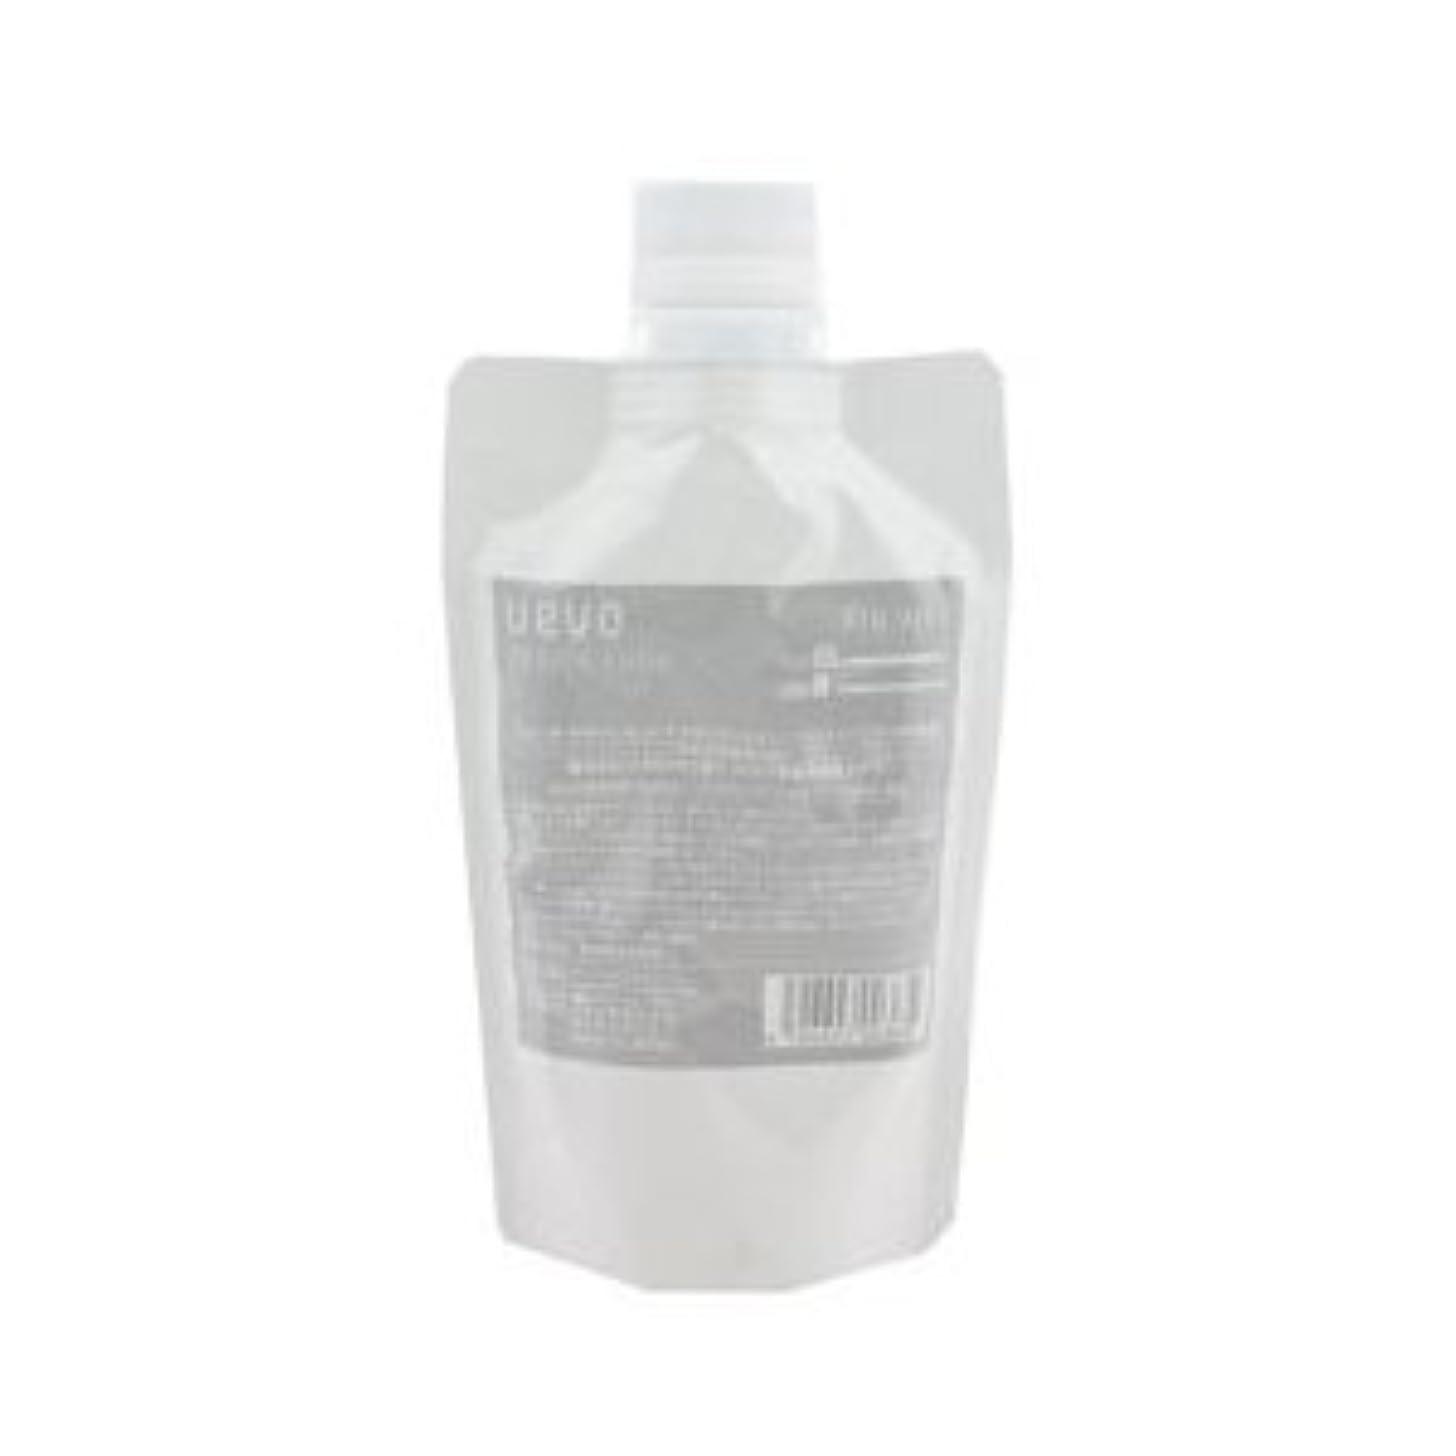 【X2個セット】 デミ ウェーボ デザインキューブ ドライワックス 200g 業務用 dry wax